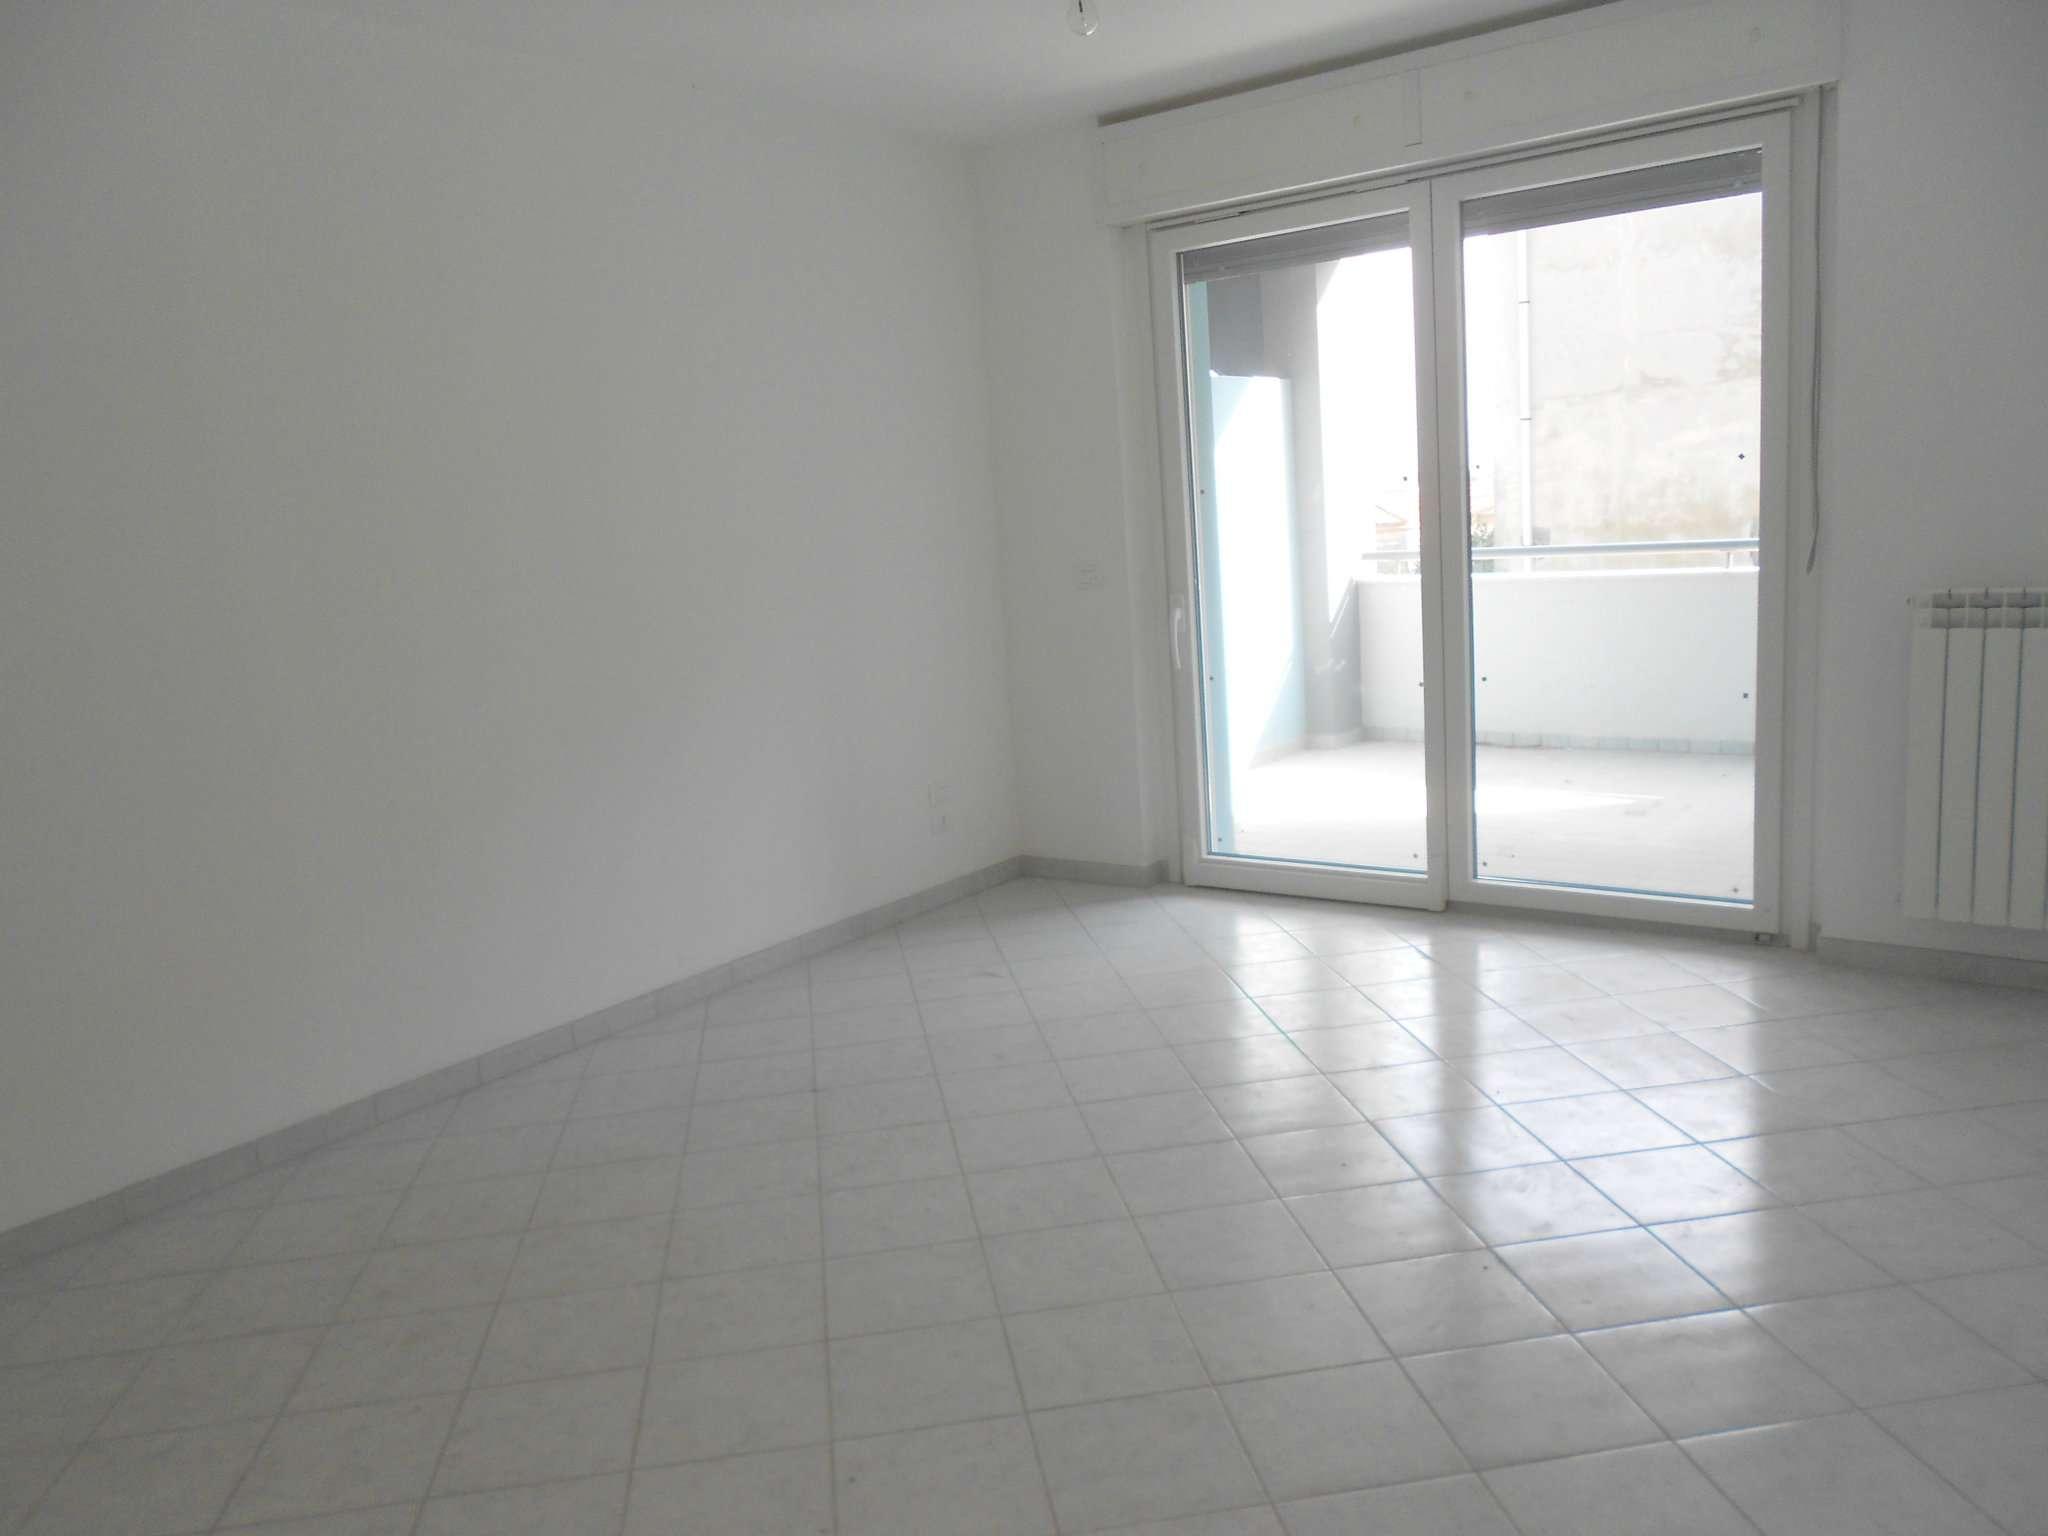 Appartamento in affitto a Francavilla al Mare, 3 locali, prezzo € 500   CambioCasa.it